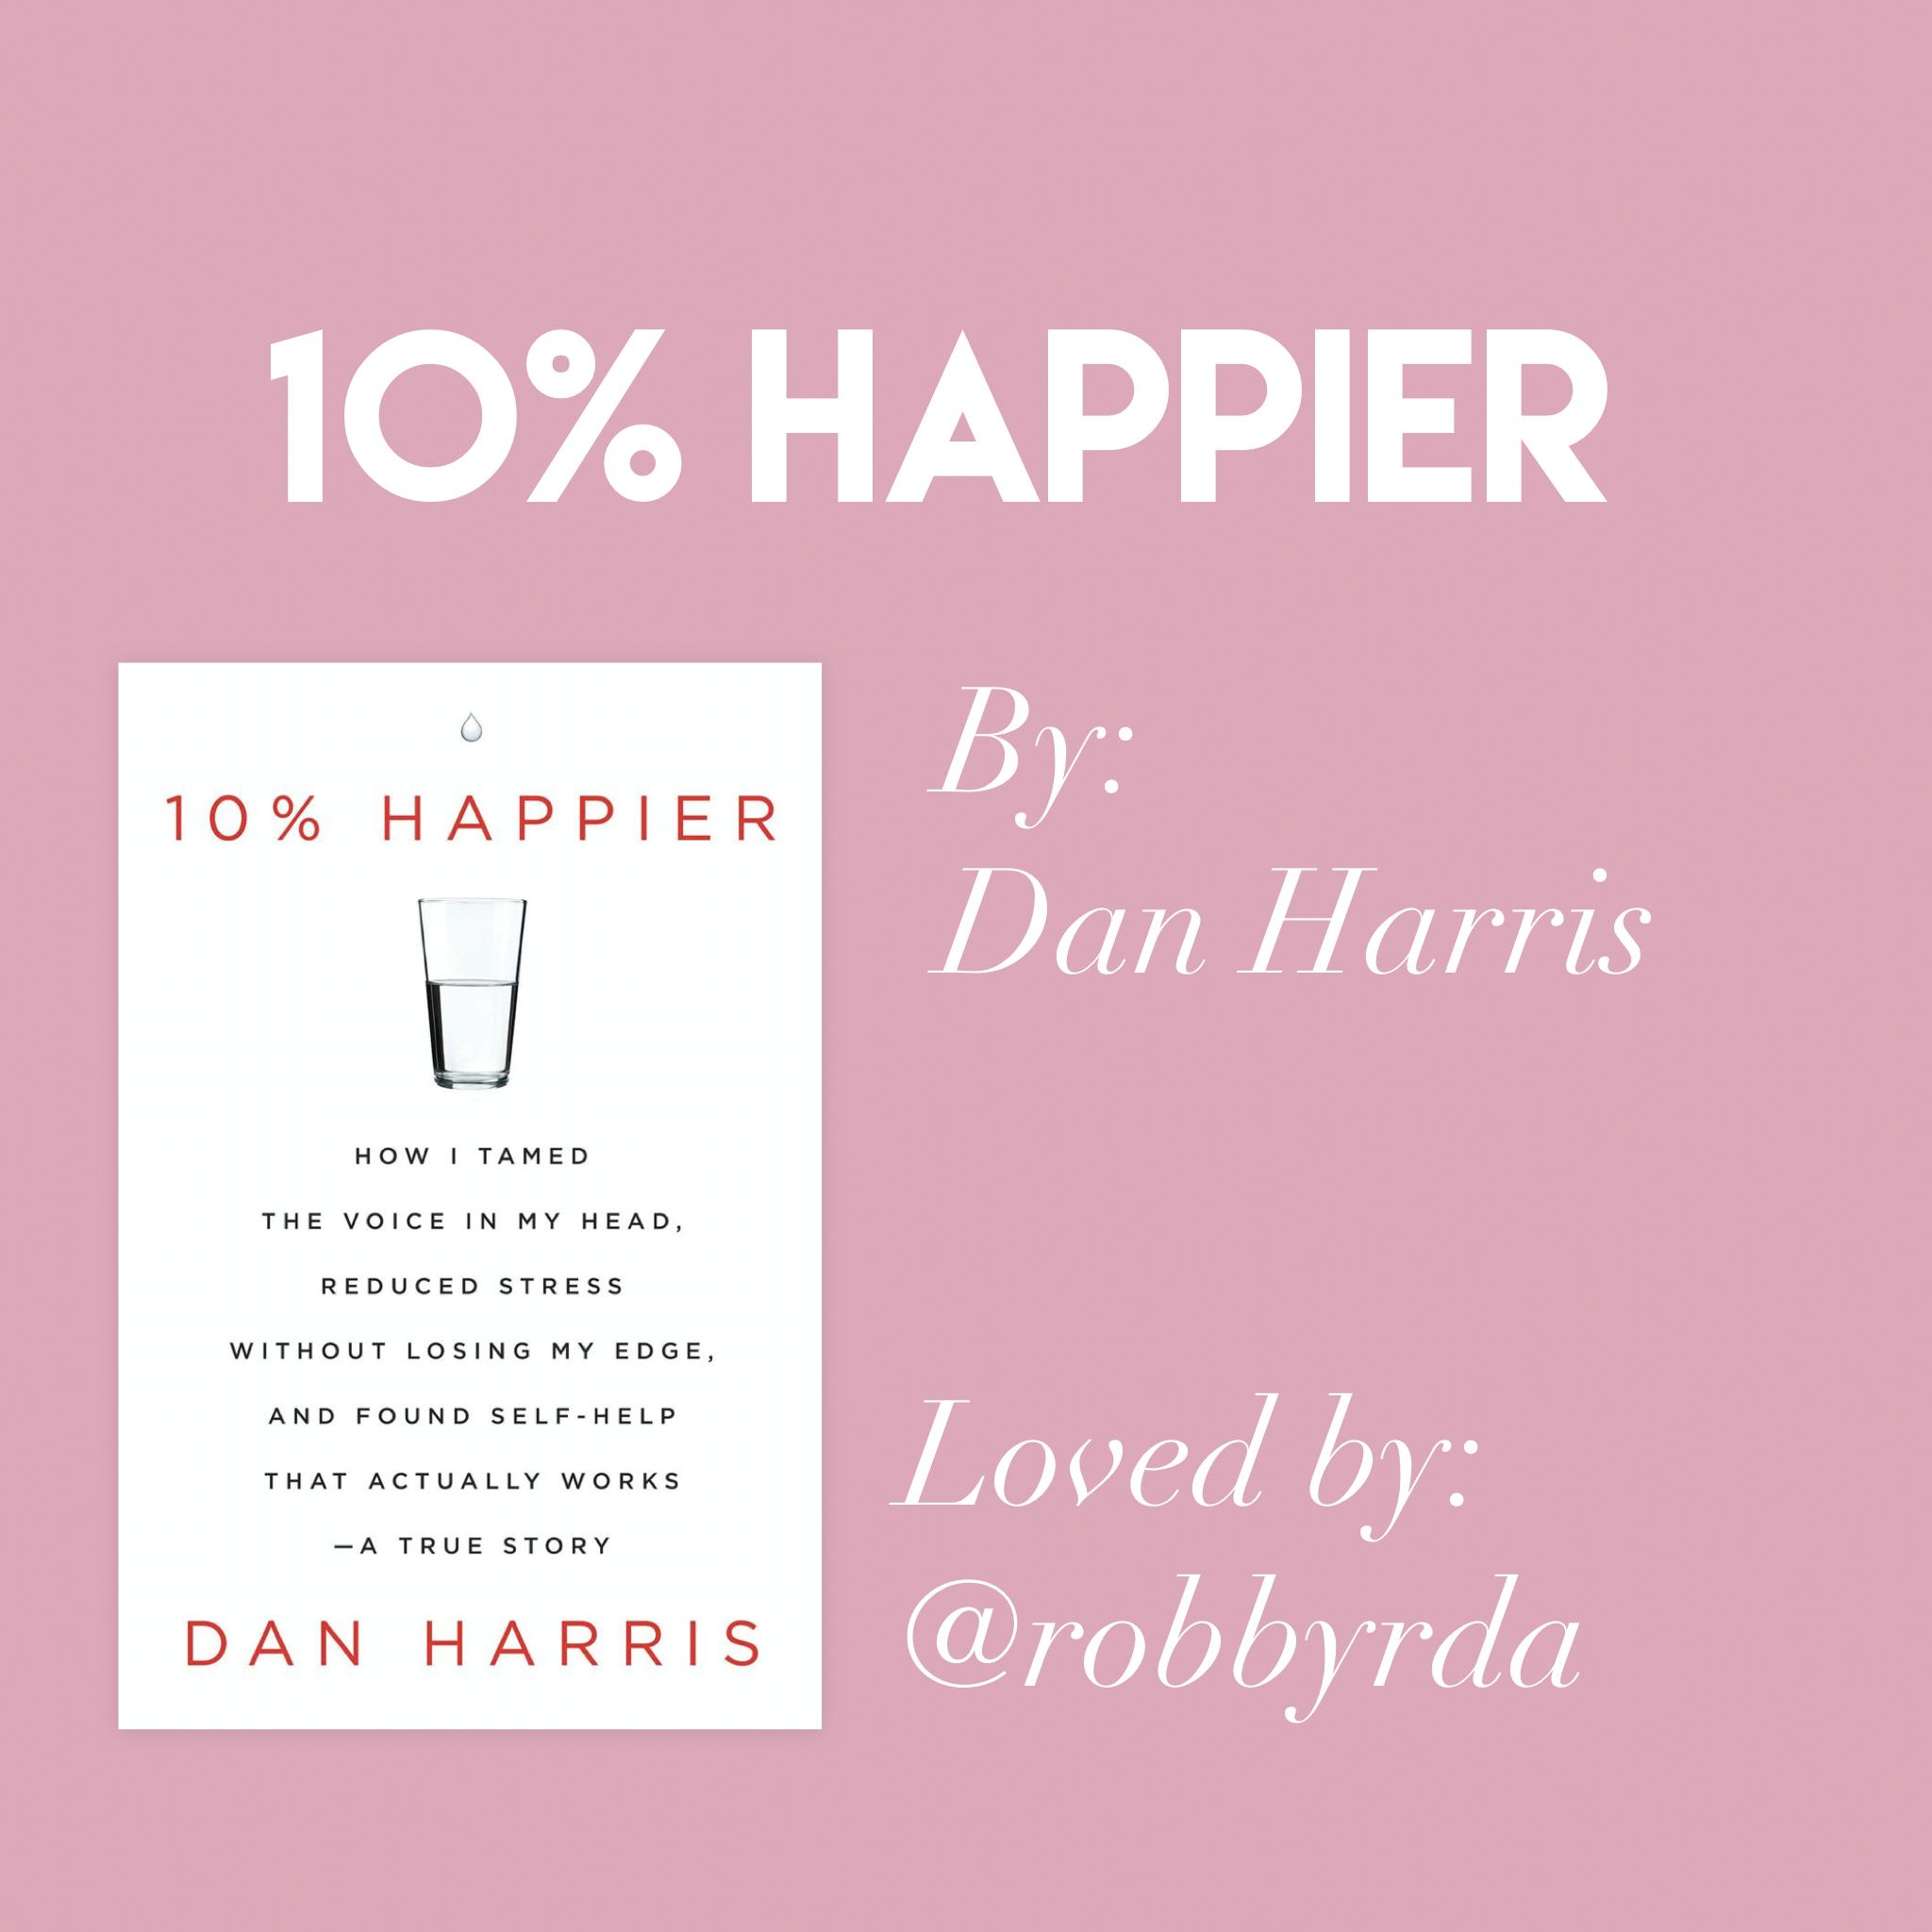 '10% Happier' by Dan Harris // Loved by @robbyrda